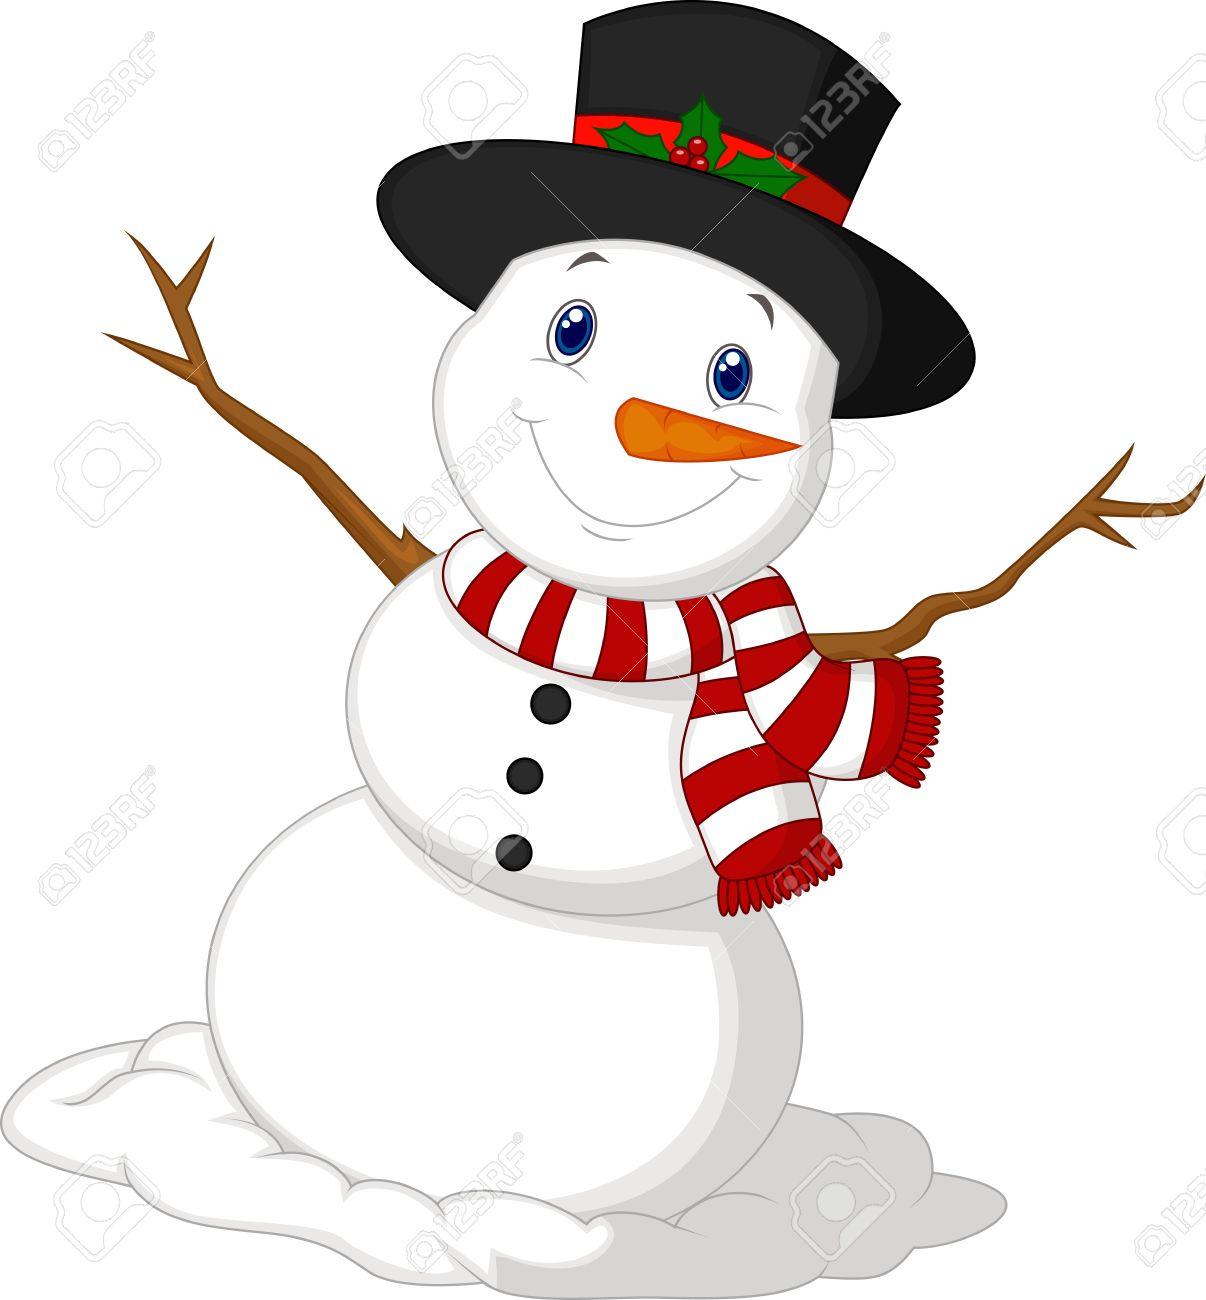 Weihnachtsschneemann-Karikatur Trägt Einen Hut Und Einen Roten Schal ...